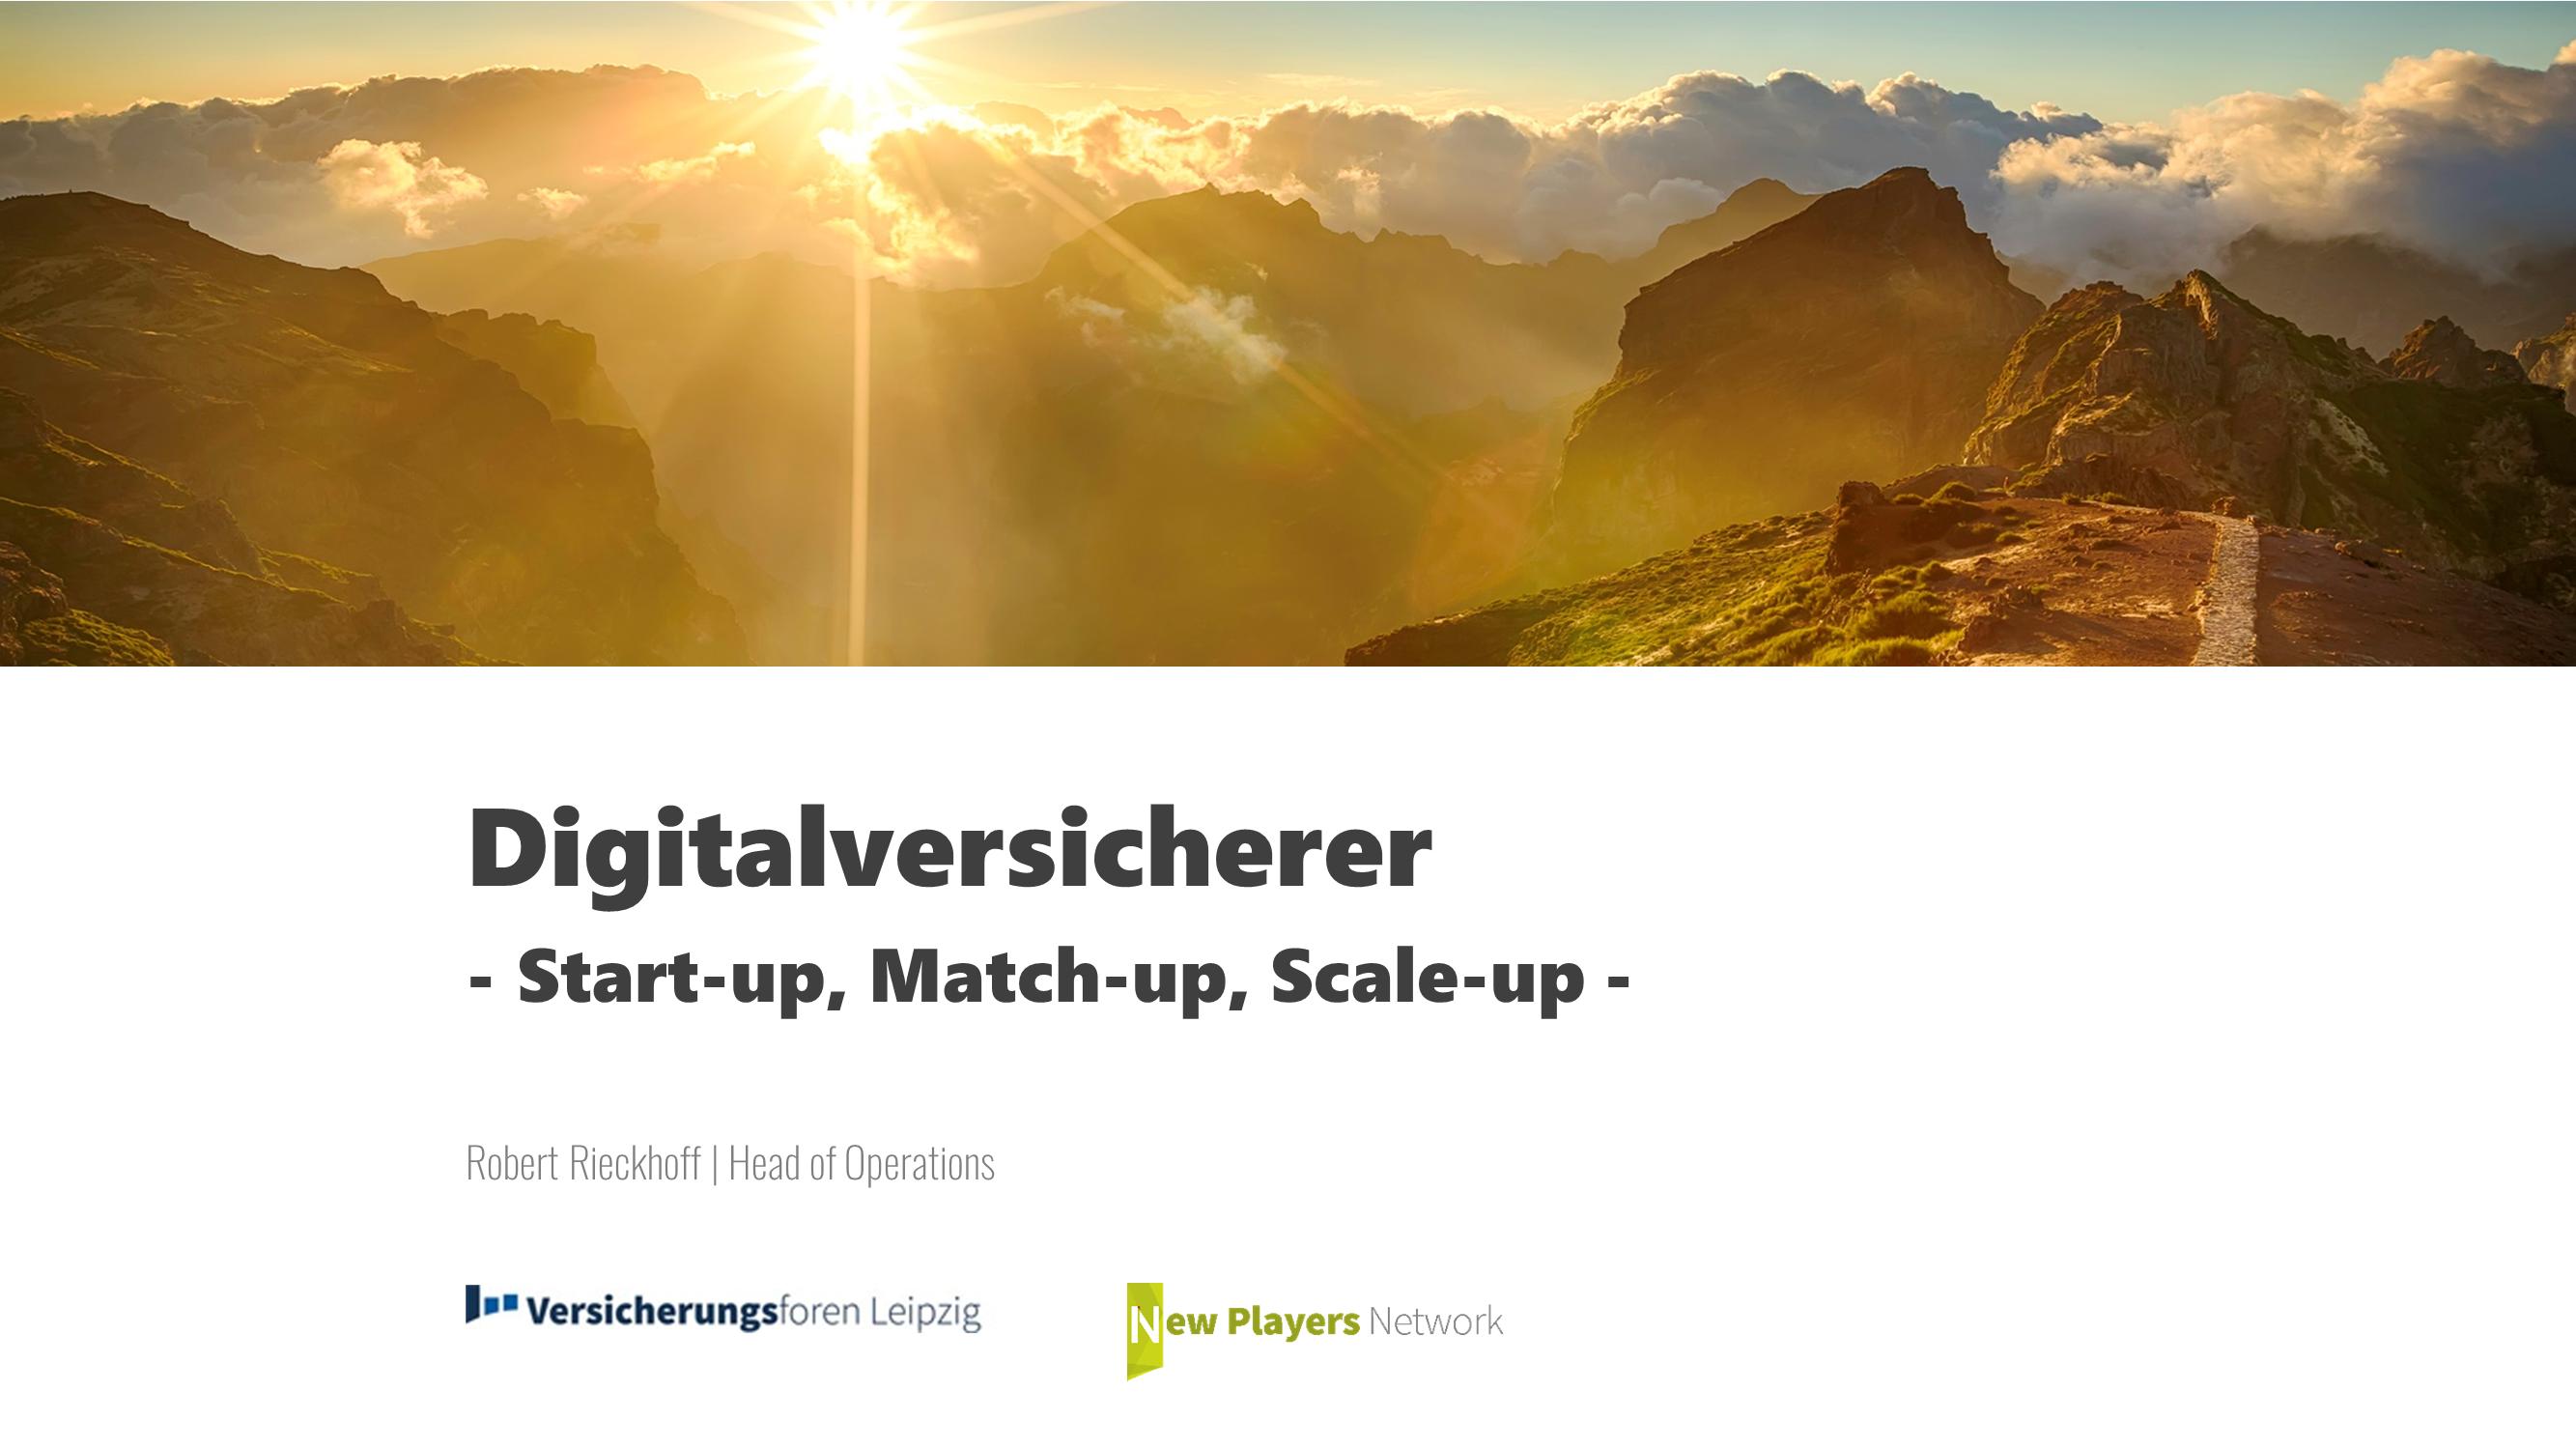 Web Based Training: Digitalversicherer